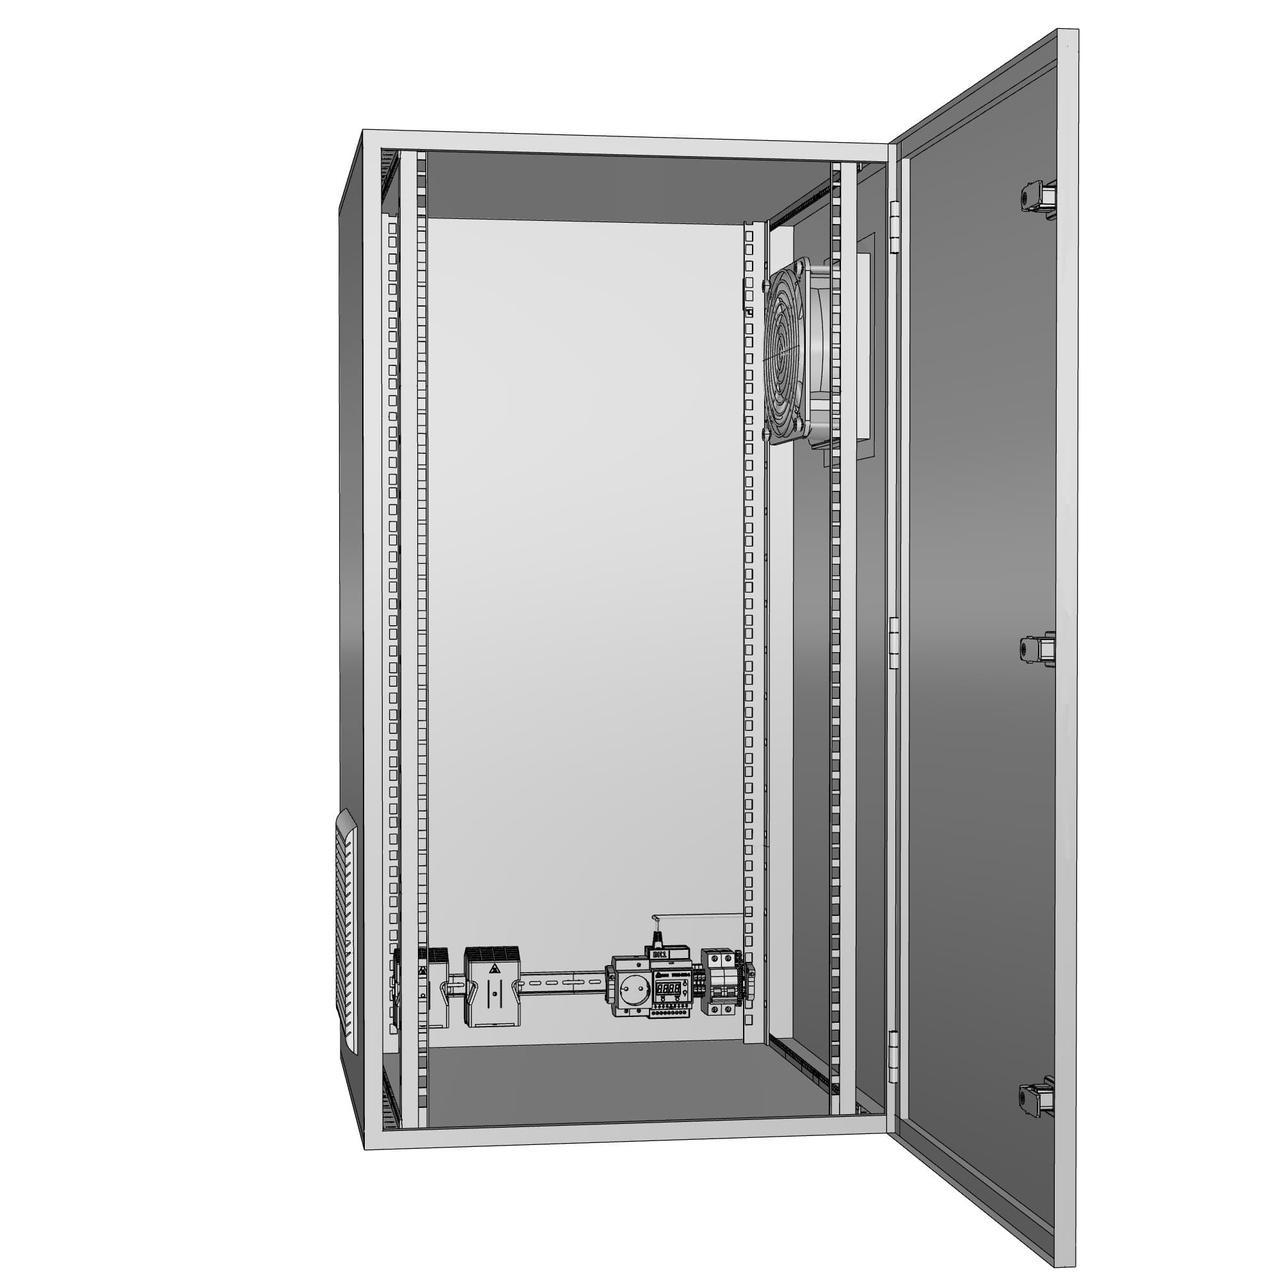 Щит климатический утеплённый с вентиляцией ЩКу- В- 3 - 600×400×250 (В×Ш×Г) IP65